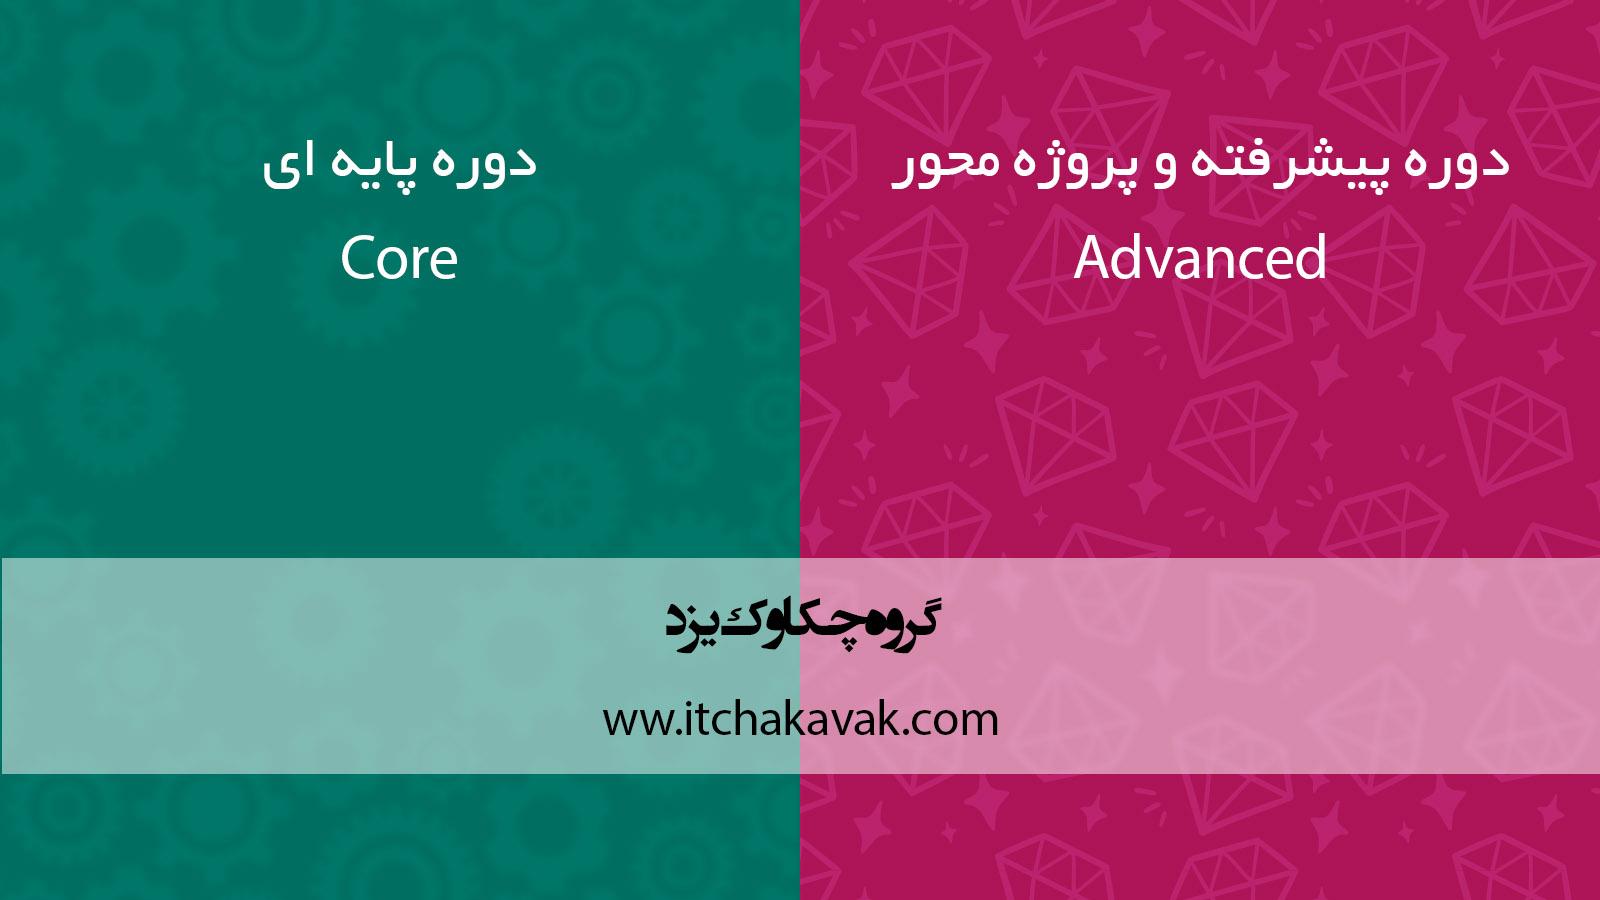 بهترین آموزشگاه کامپیوتر در استان یزد